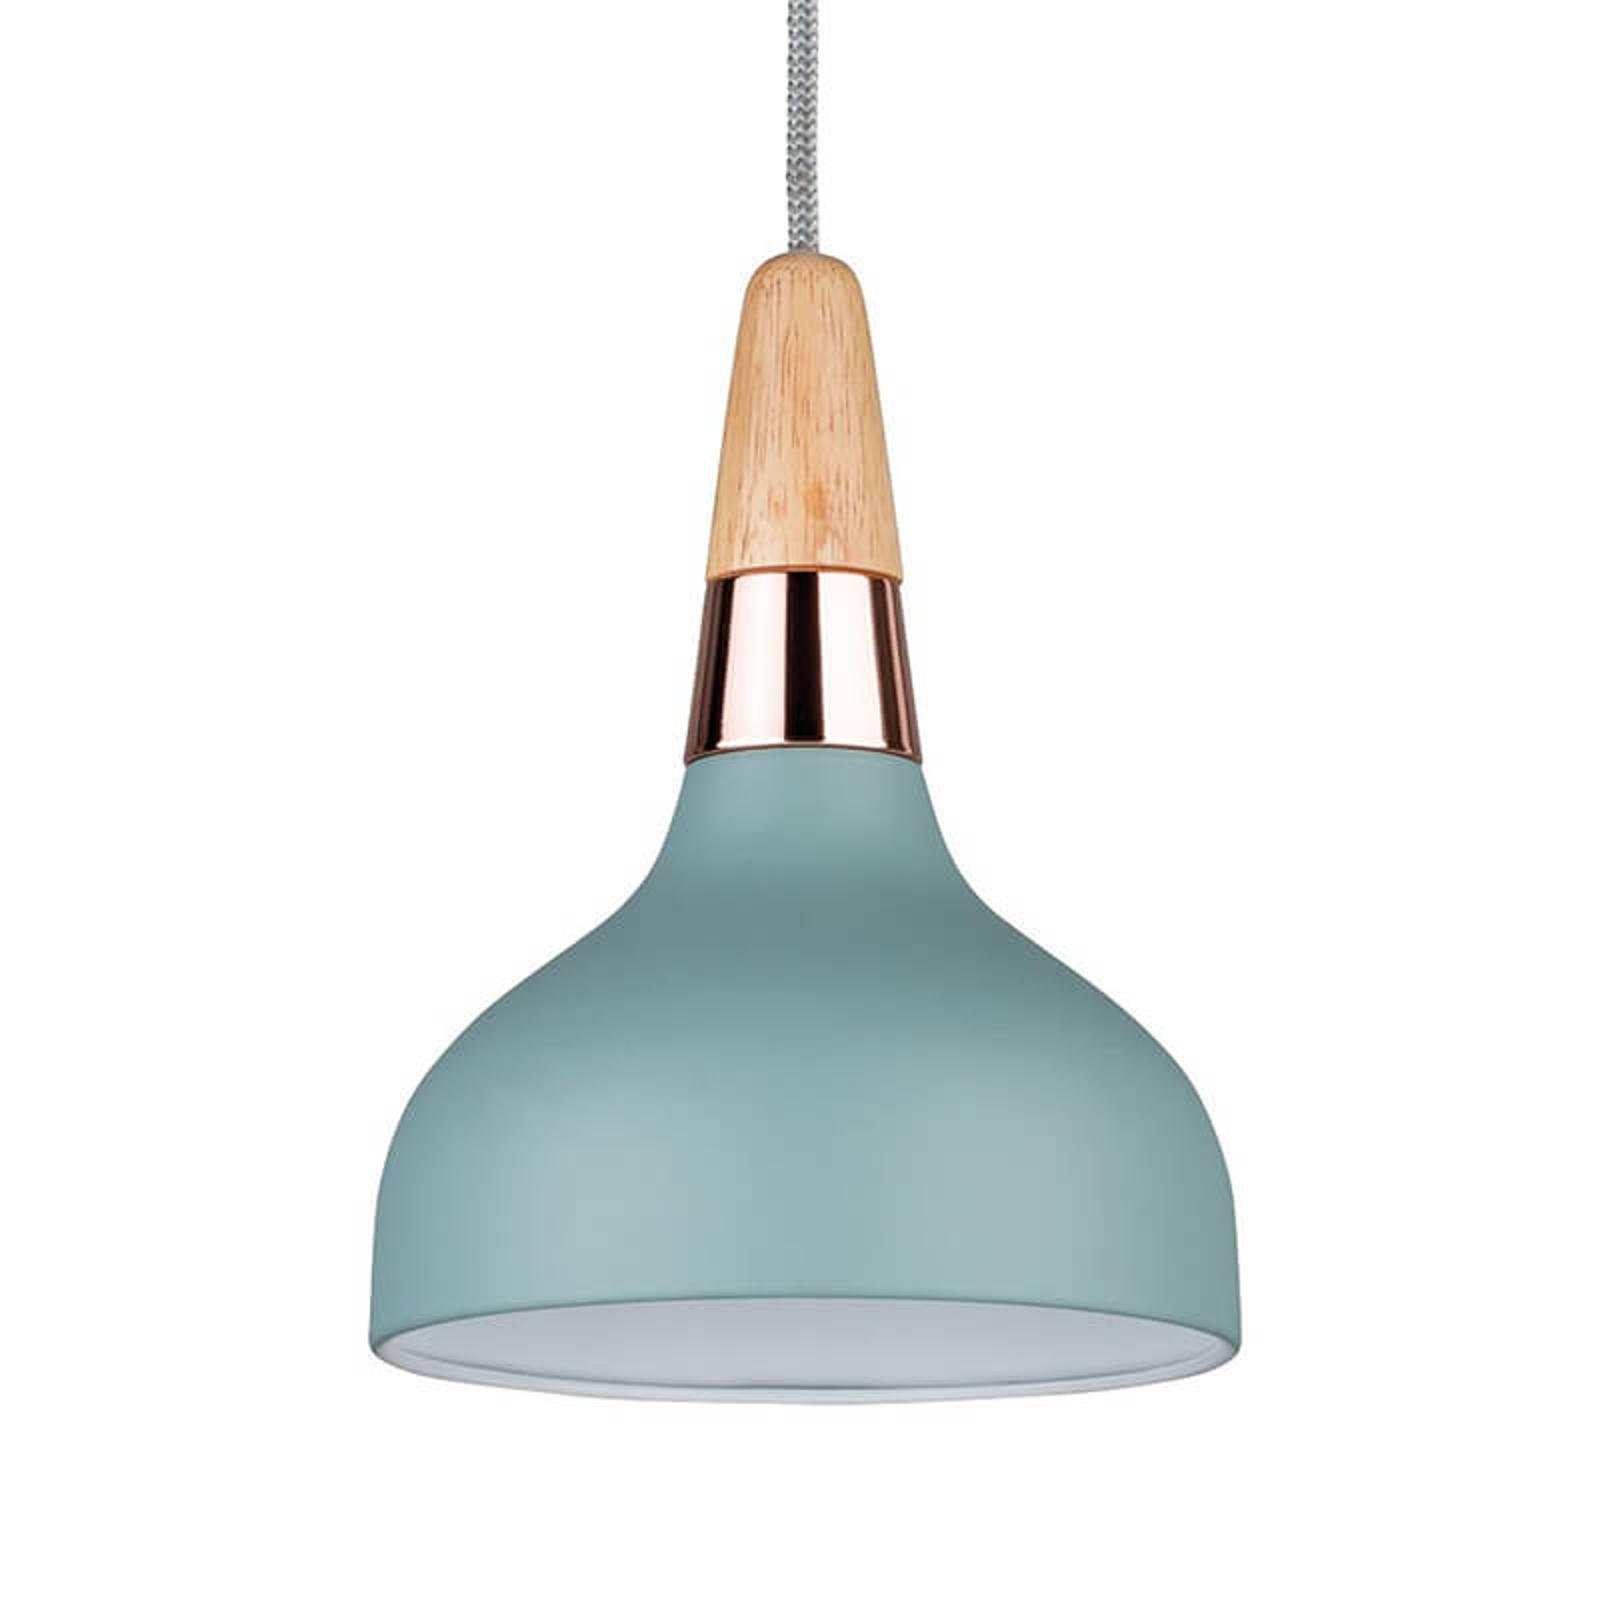 Paulmann Juna hængelampe, 1 lyskilde, Ø 16 cm